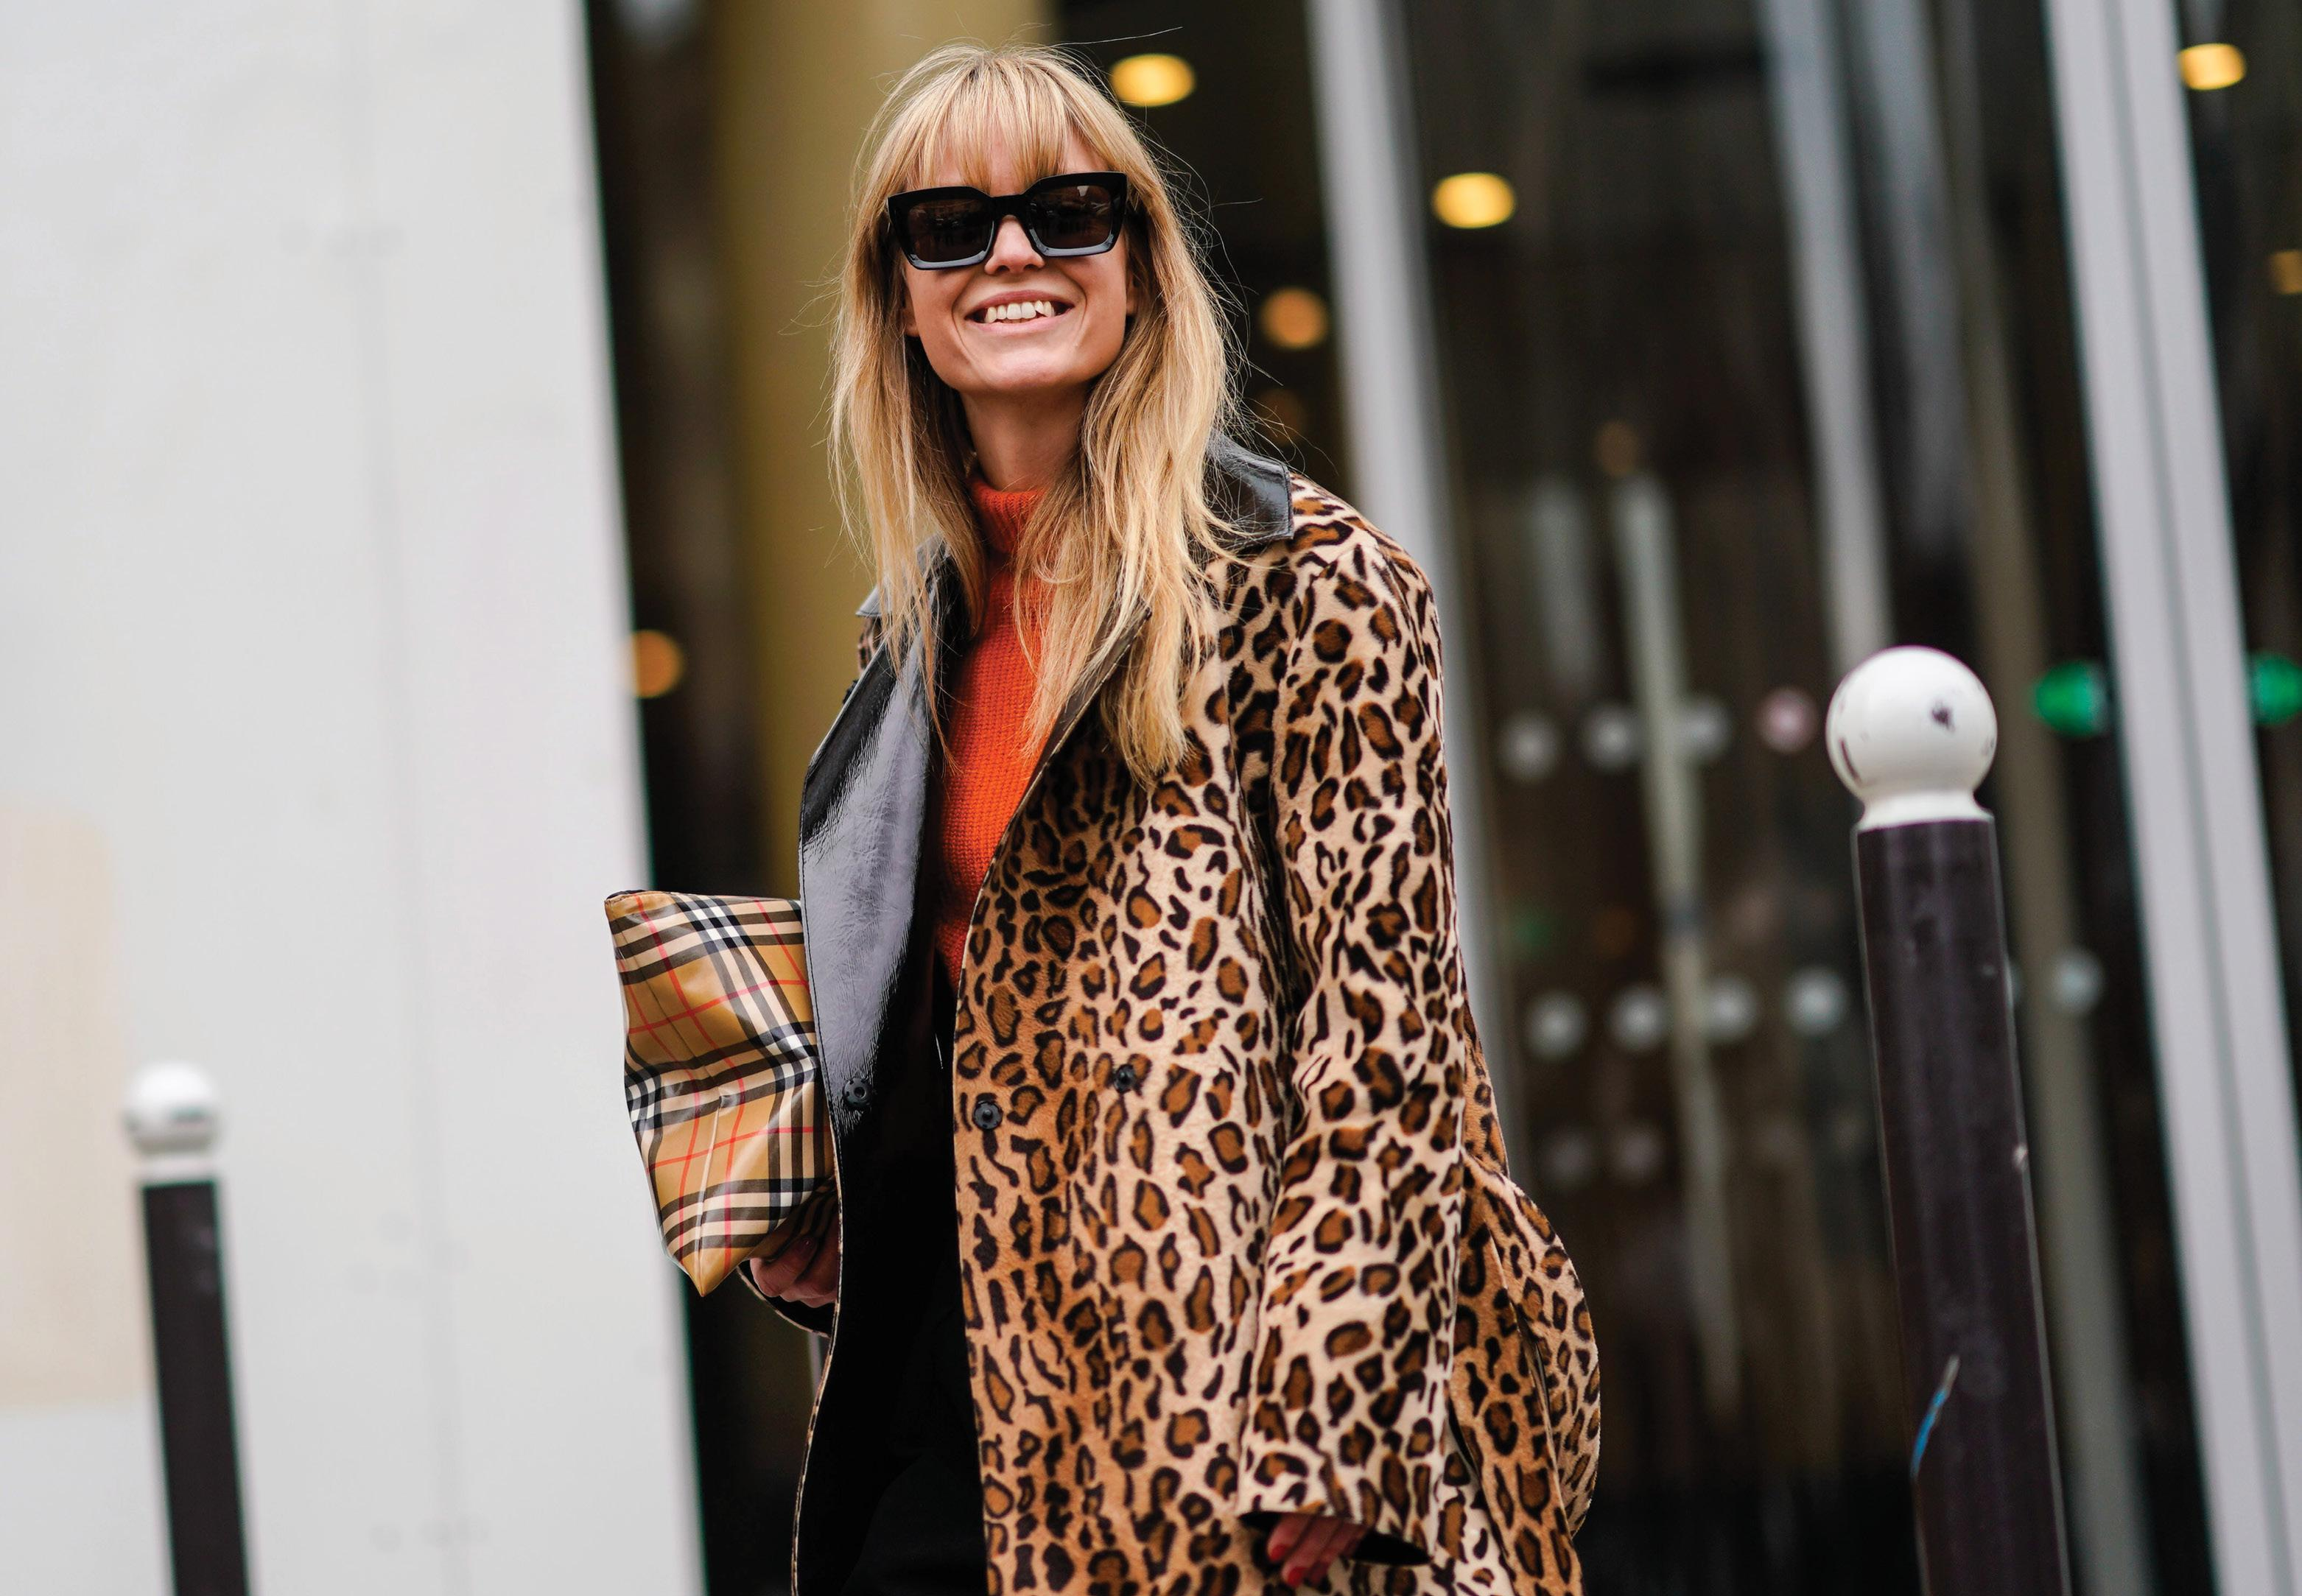 Hoe draag je stijlvol de luipaardprint?